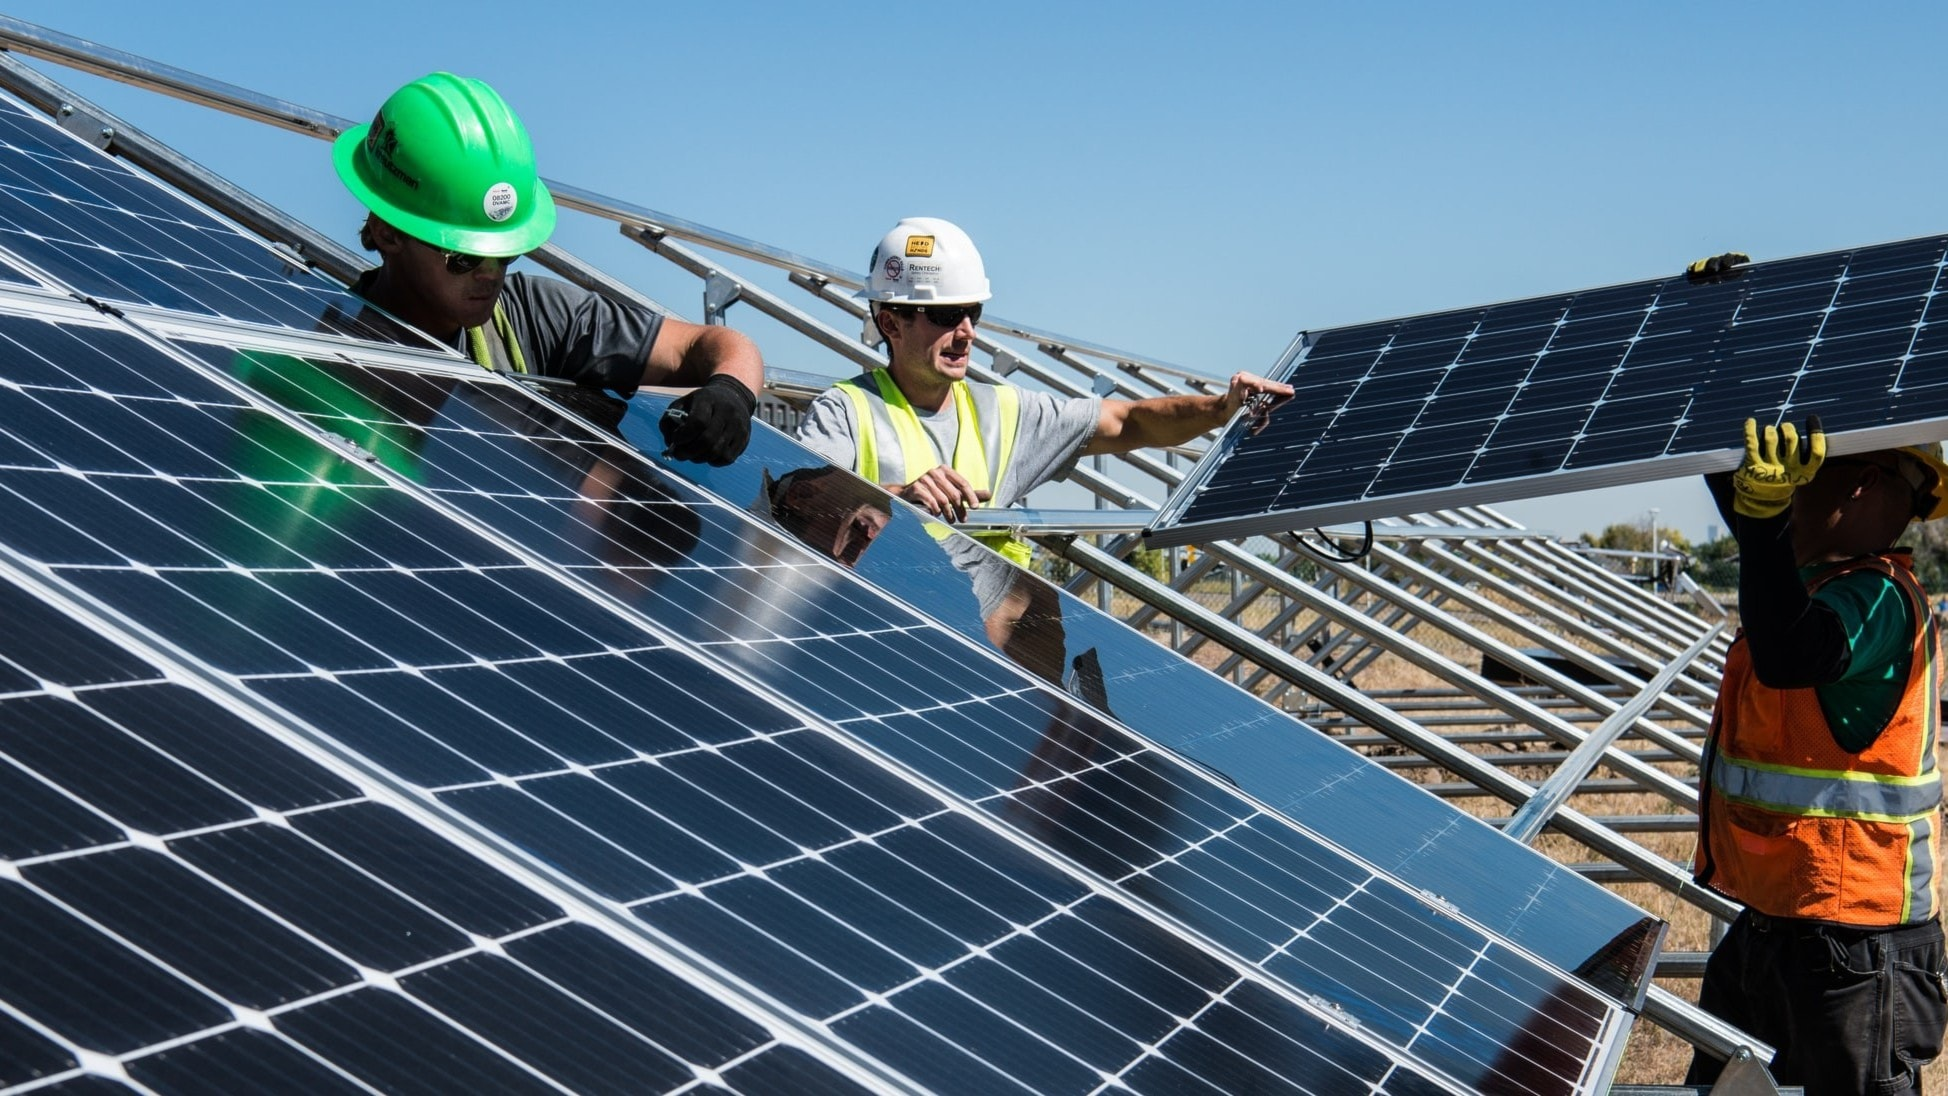 Nu kommer de europeiska solcellsfabrikerna